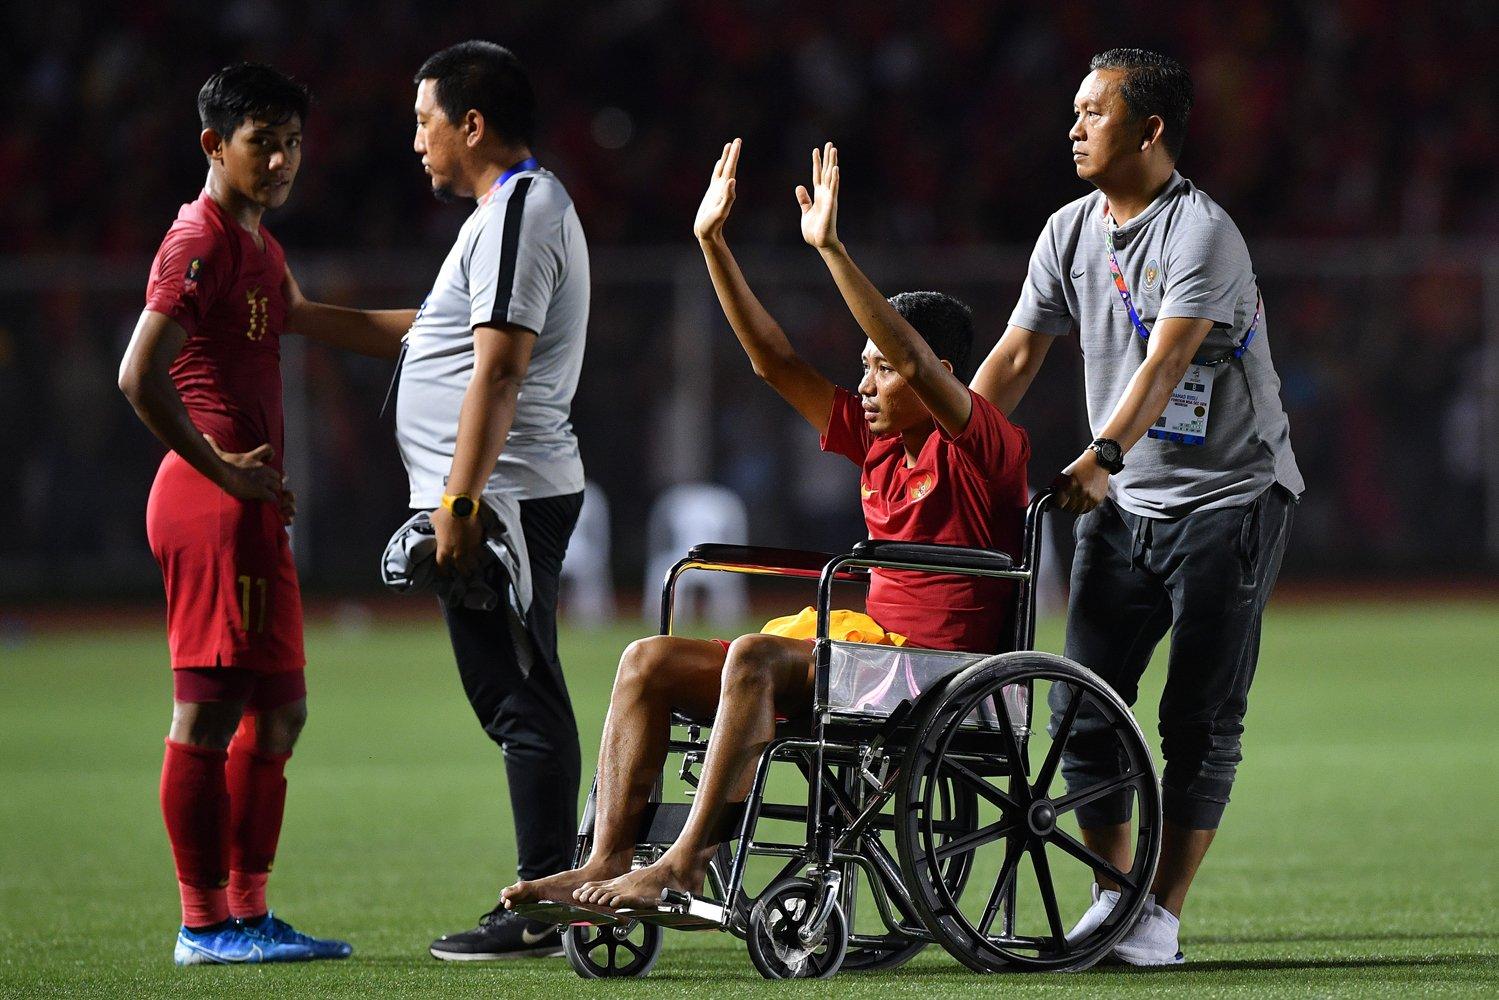 Pemain Timnas U-22 Indonesia Evan Dimas (kedua kanan) yang cedera menyapa suporter seusai Timnas Indonesia kalah dari Timnas Vietnam dalam final sepak bola putra SEA Games 2019 di Stadion Rizal Memorial, Manila, Filipina, Selasa (10/12/2019). Timnas U-22 Indonesia meraih medali perak setelah kalah 0-3 dari Vietnam.